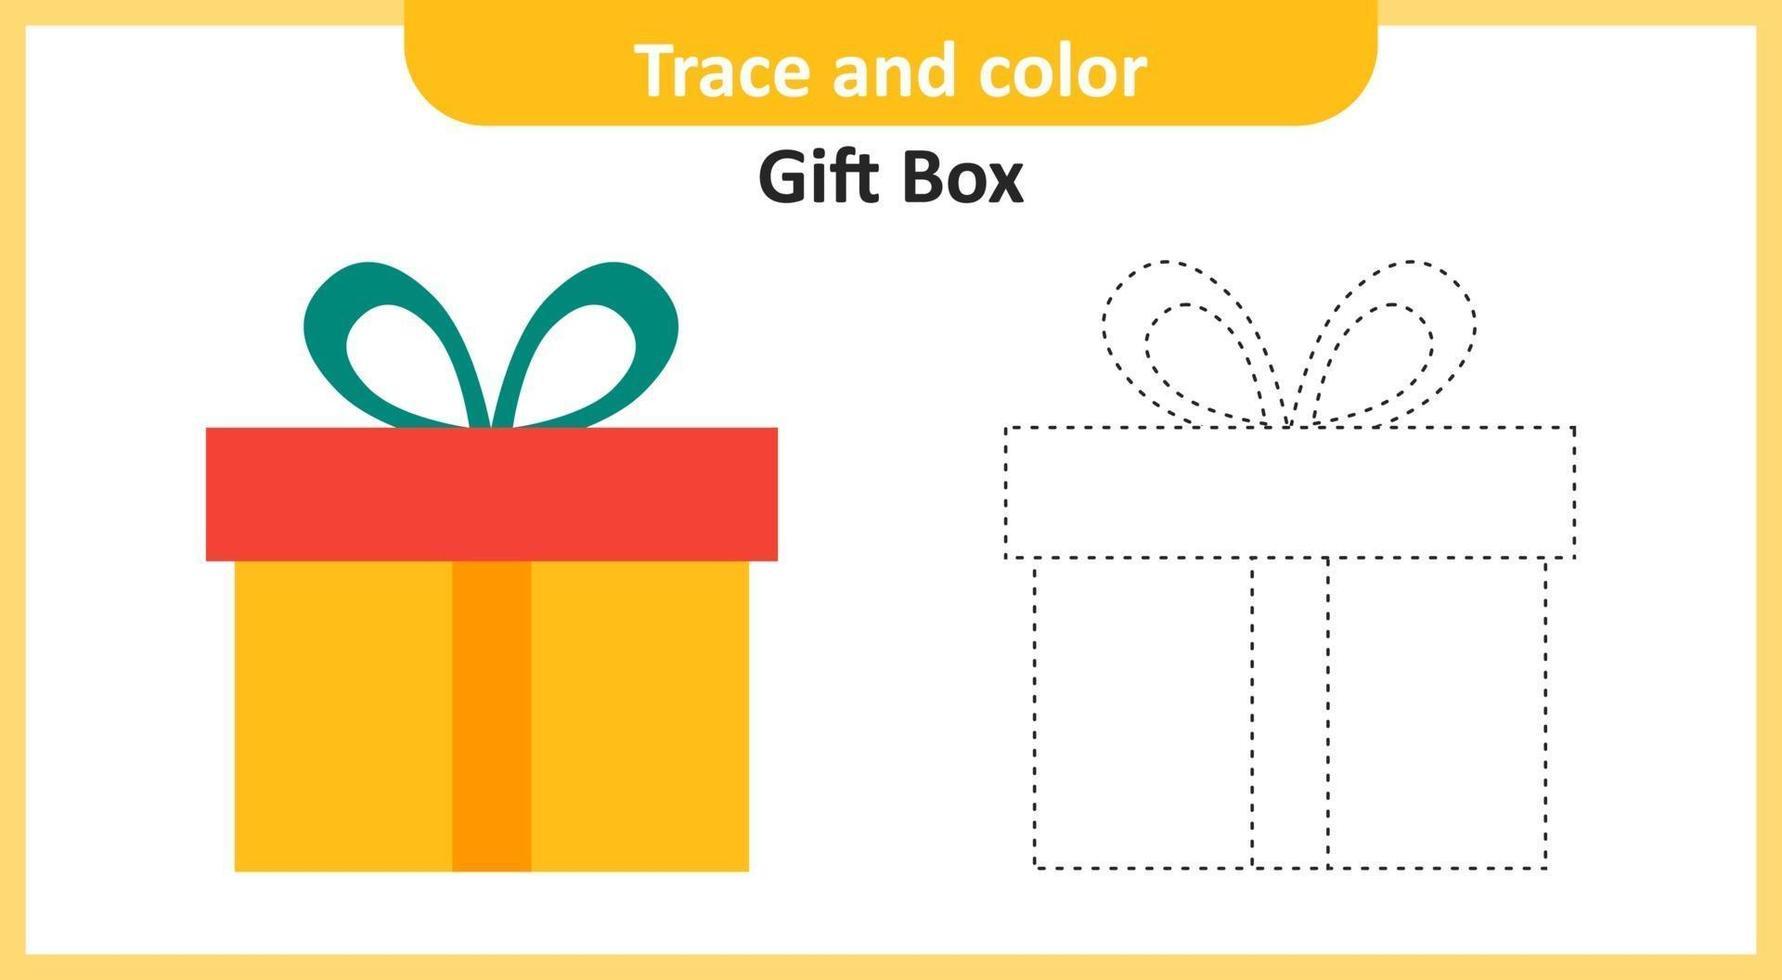 caja de regalo de rastro y color vector